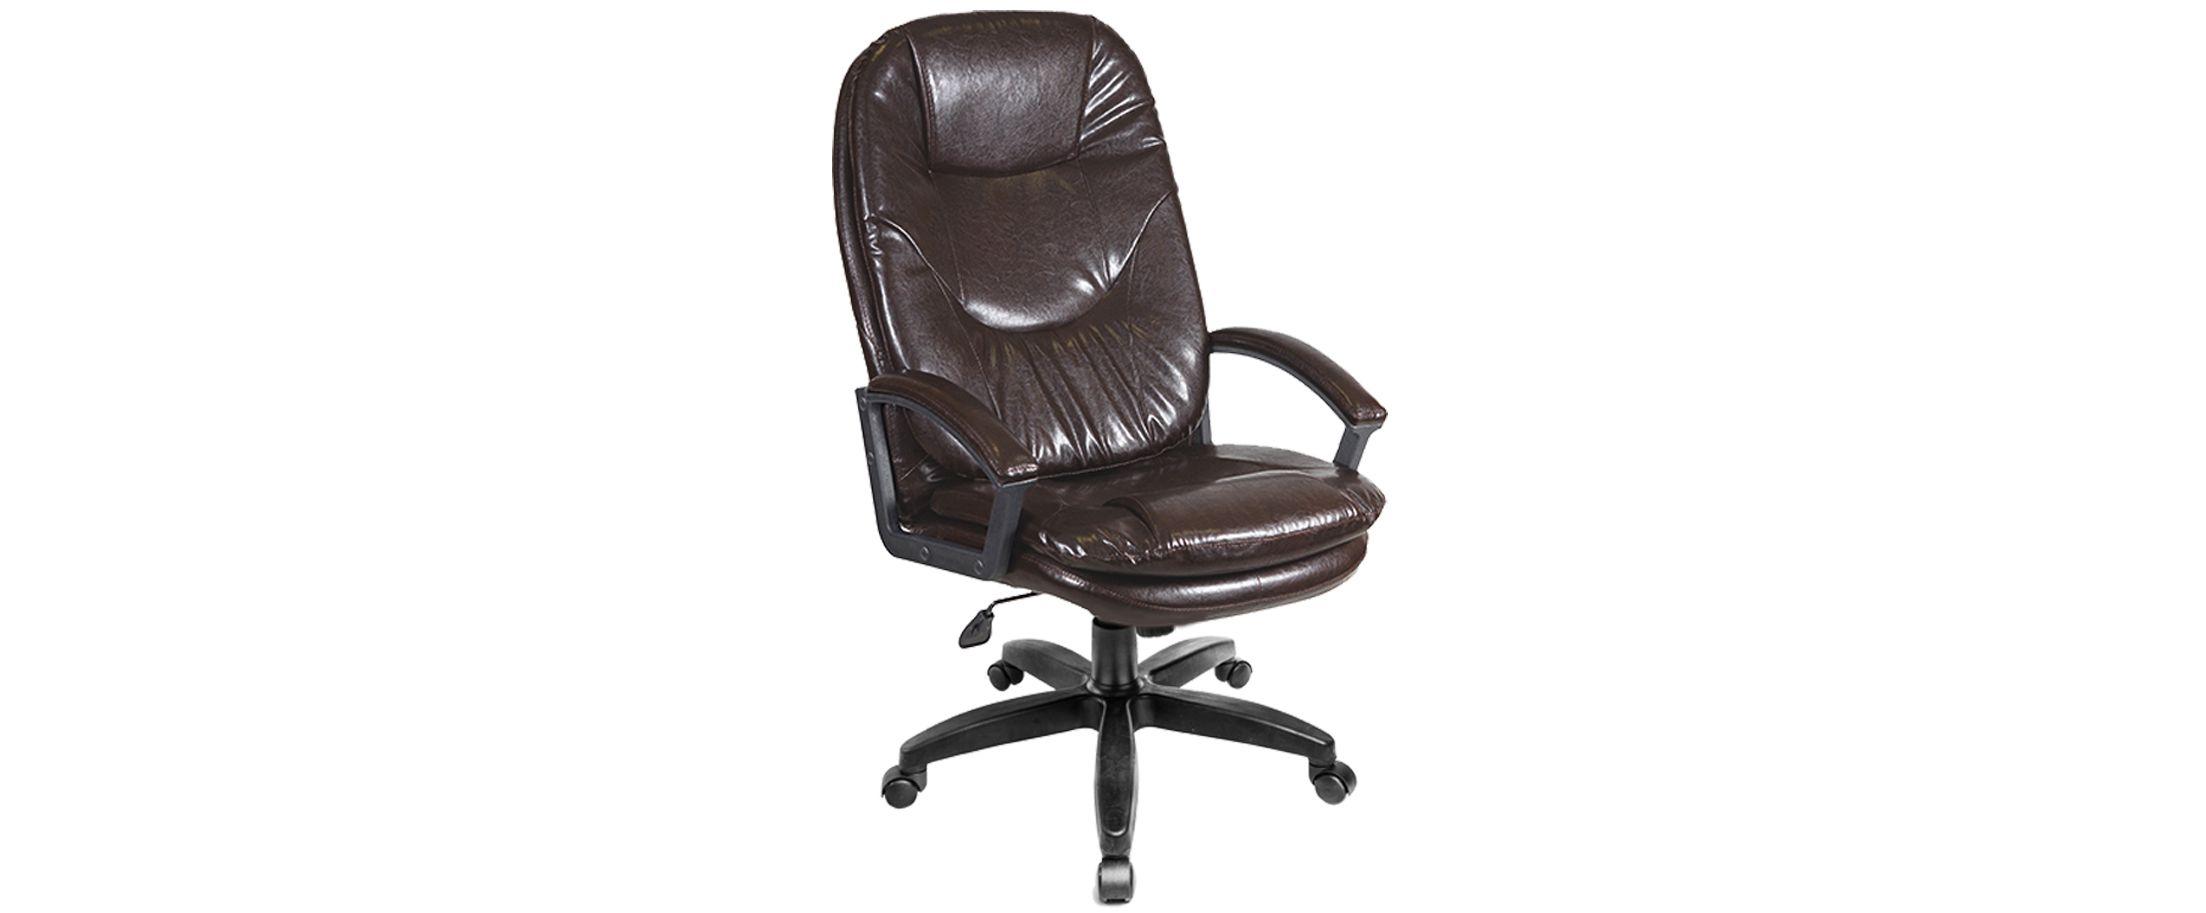 Кресло офисное AV 121 из экокожи цвет шоколад Модель 999Кресло офисное AV 121 из экокожи цвет шоколад Модель 999. Артикул Д000703<br>